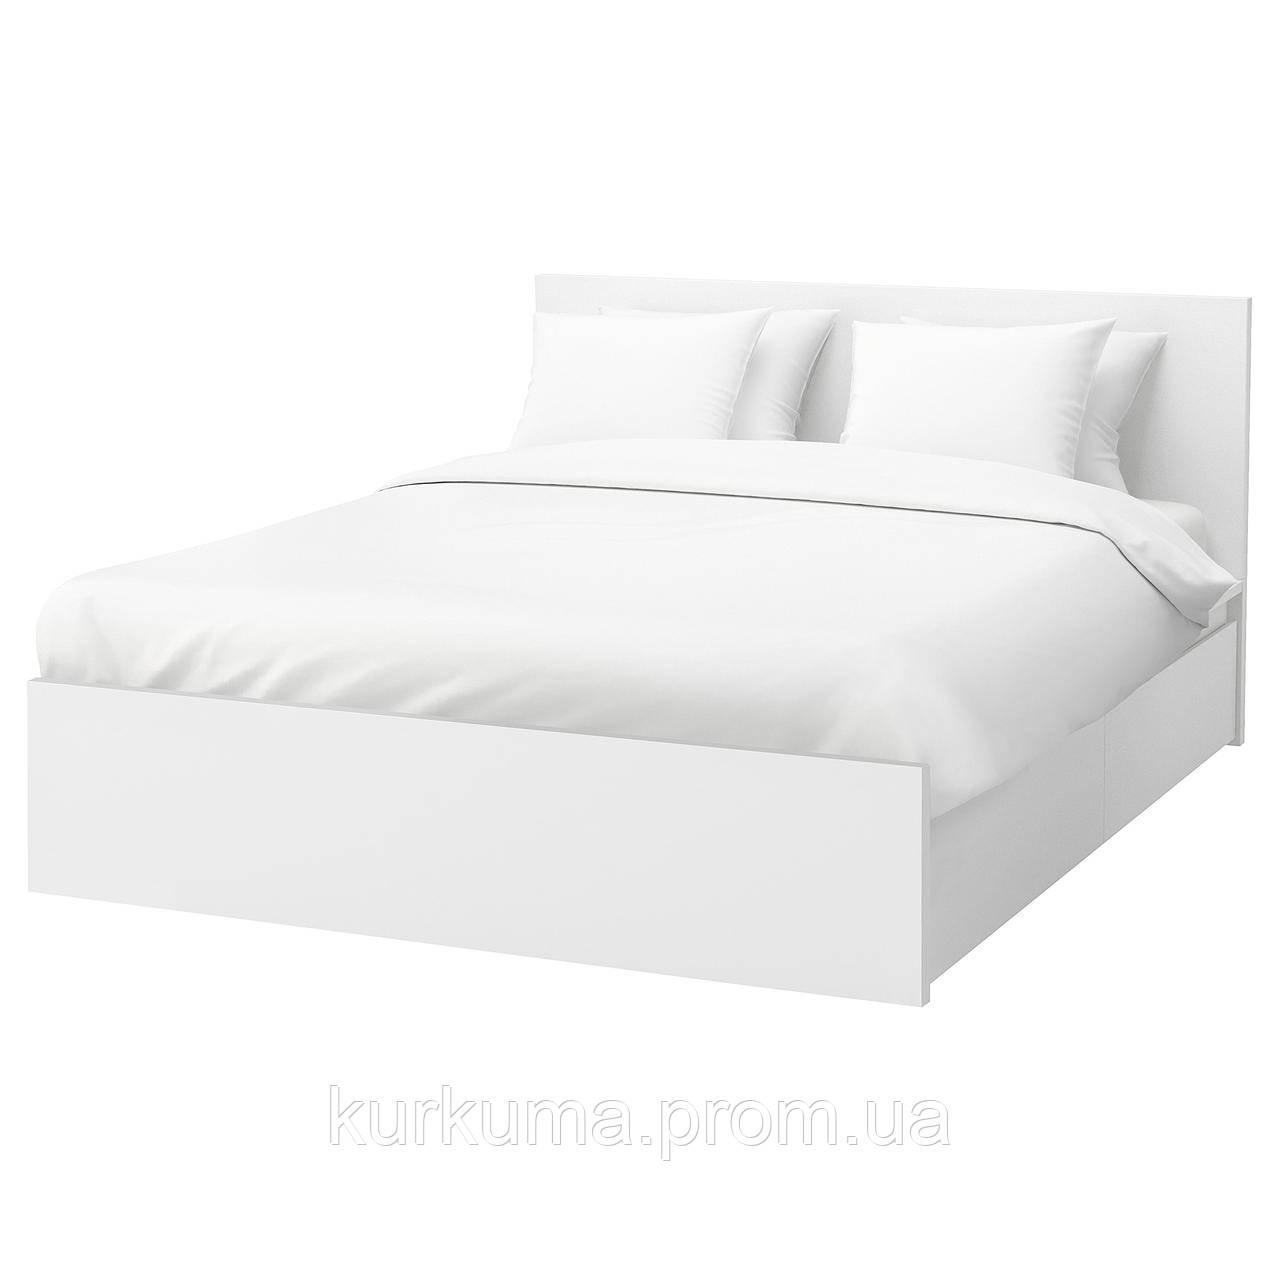 IKEA MALM Кровать высокая, 4 ящика, белый, Лурой  (790.024.40)